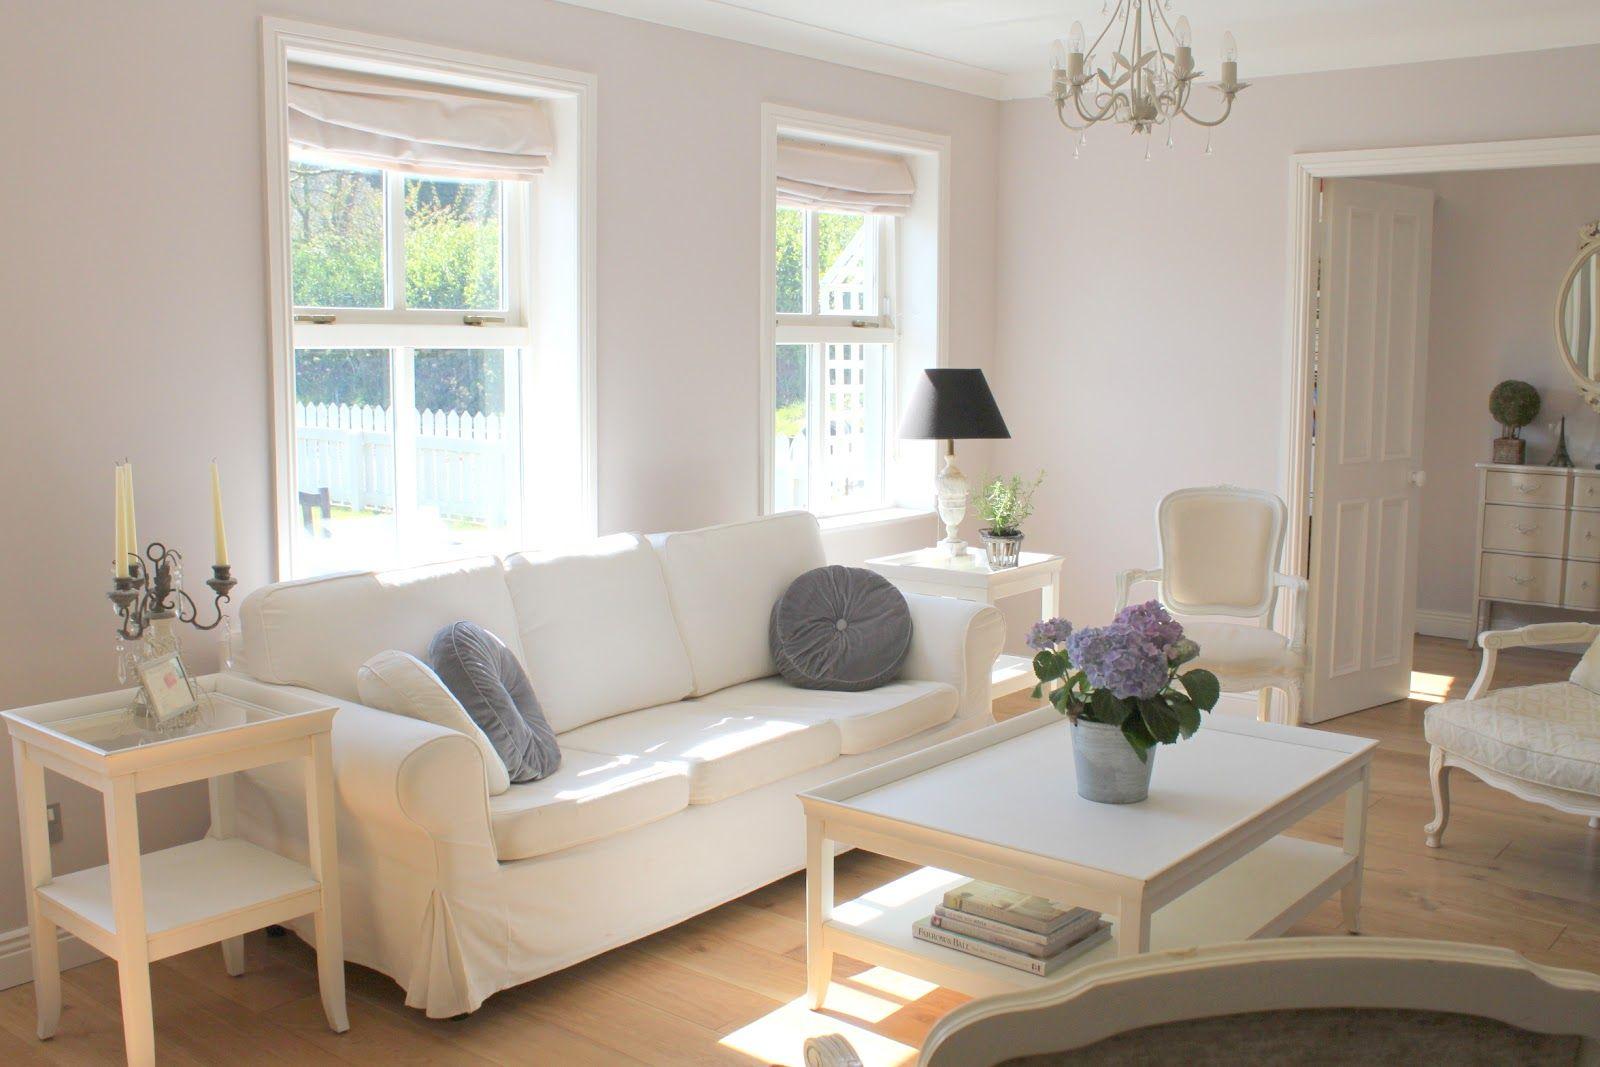 White Sofa Living Room Interior Idea For Home White Sofa